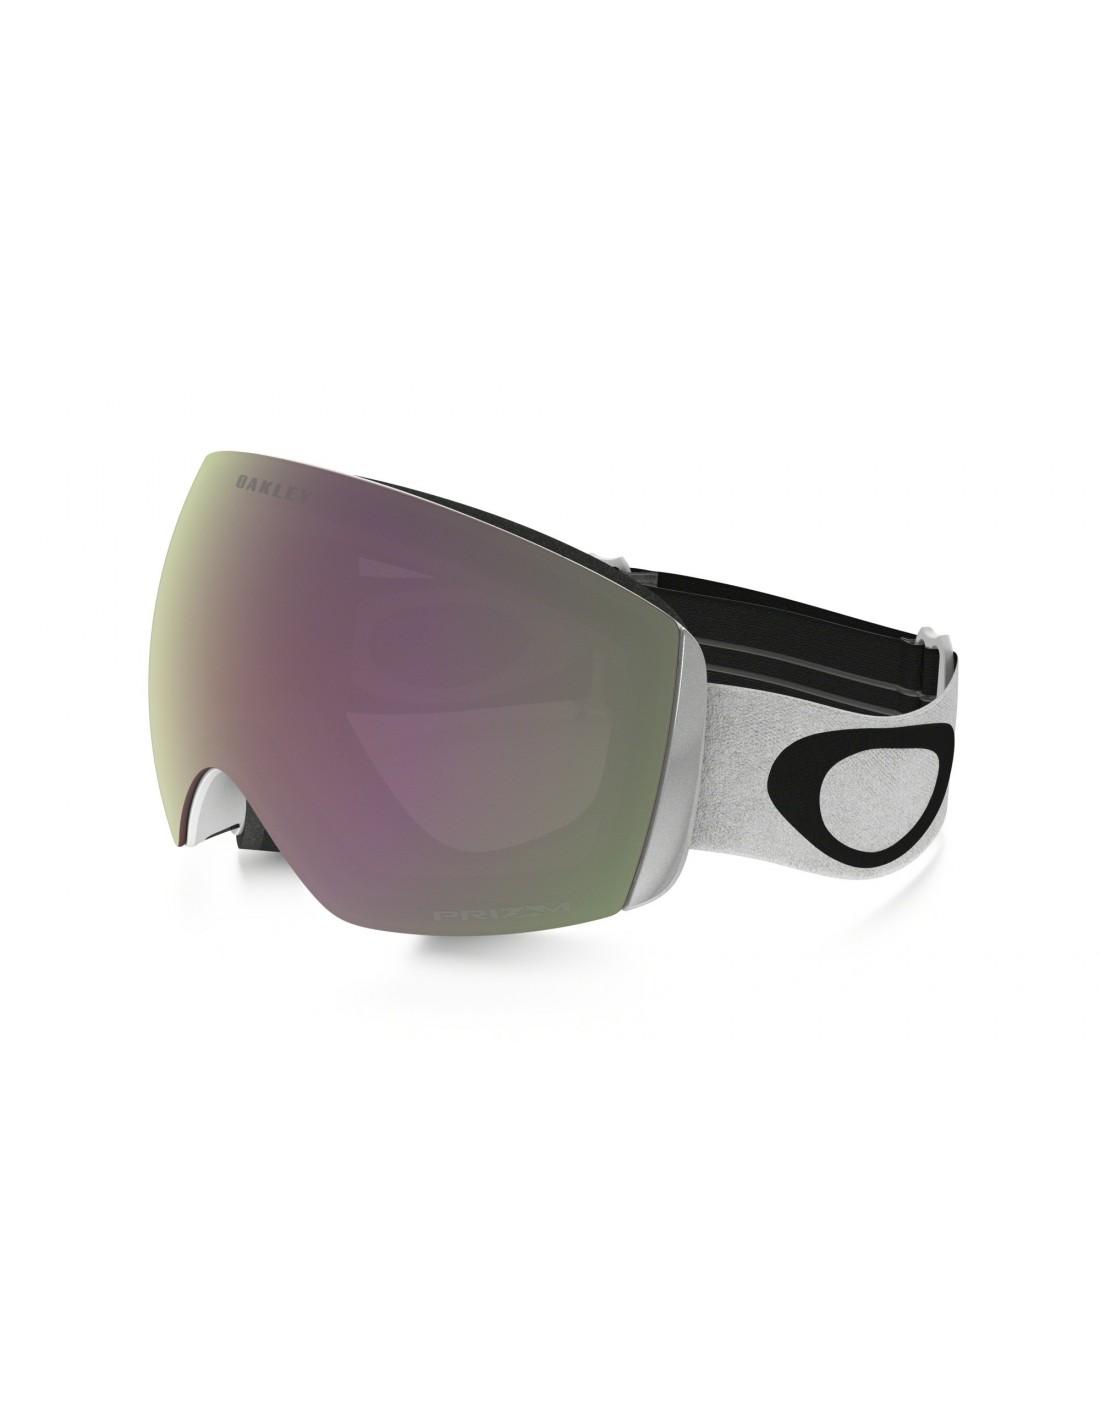 Oakley Skibrille Flight Deck XM Matte White Prizm Snow Hi Pink Iridium Skibrillenfarbe - White, Skibrillenglas - Smoke - Black, Skibrillenvariante - Einheitsgröße Erwachsene,